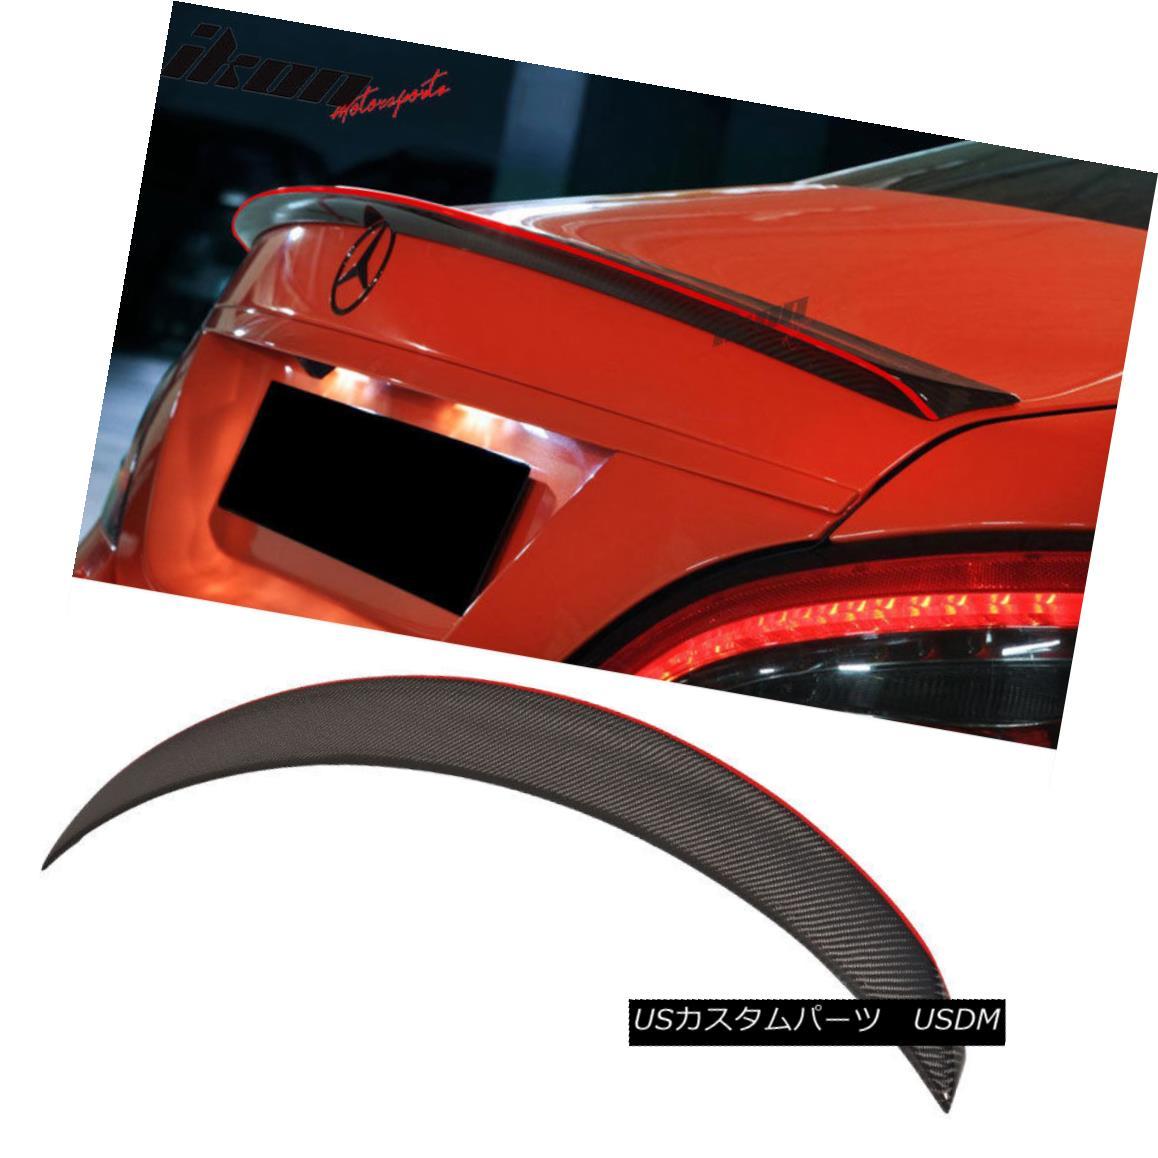 エアロパーツ 13-18 Benz CLA W117 4Dr Sedan P Style Carbon Fiber Red Line Trim Trunk Spoiler 13-18ベンツCLA W117 4DrセダンPスタイルカーボンファイバーレッドライントリムトランクスポイラー